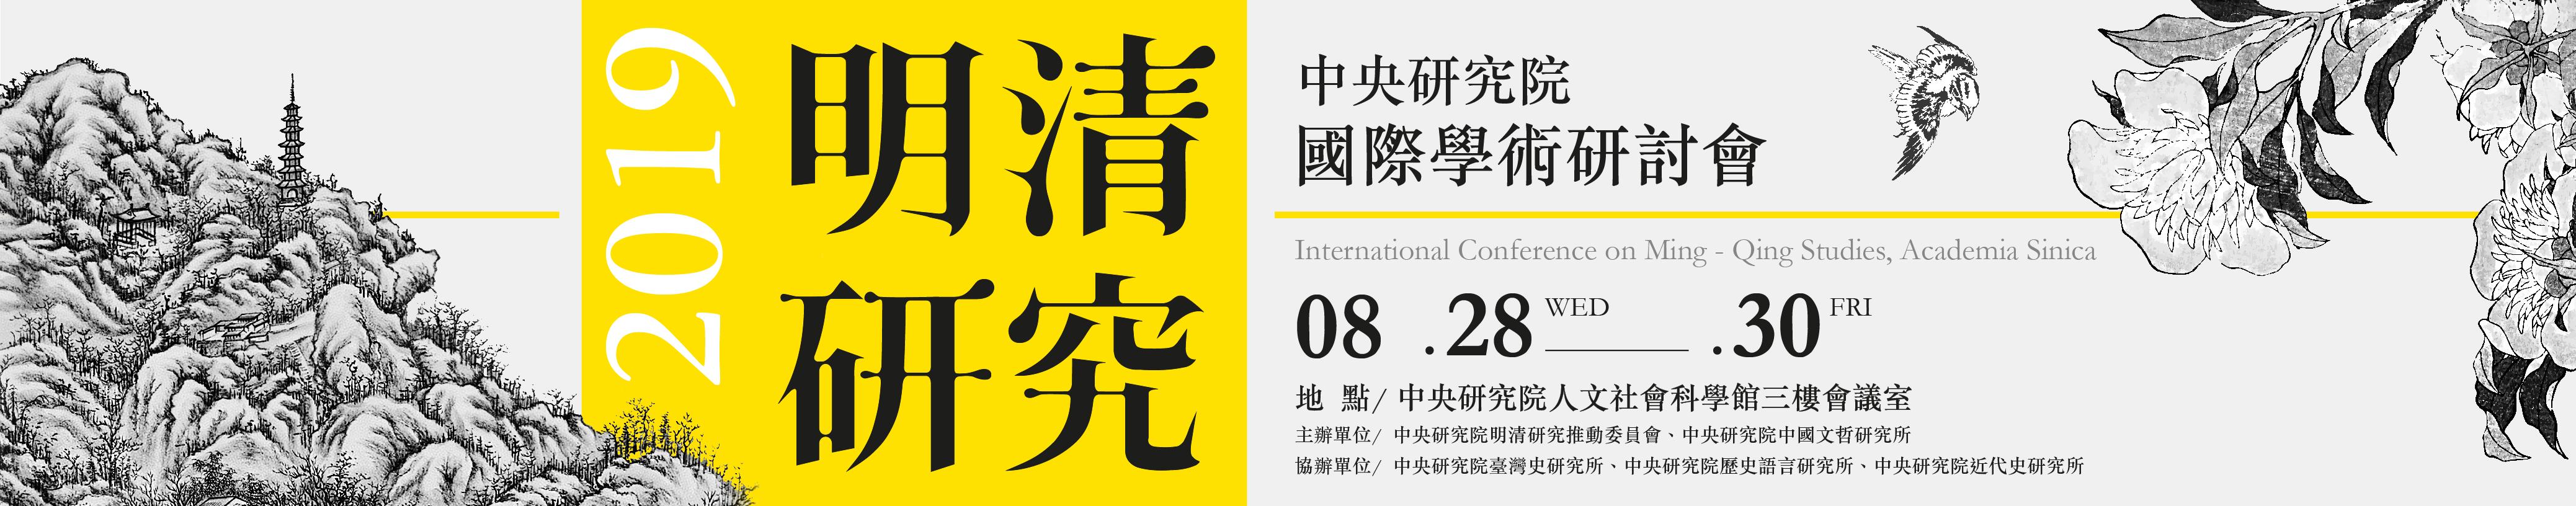 2019中央研究院明清研究國際學術研討會